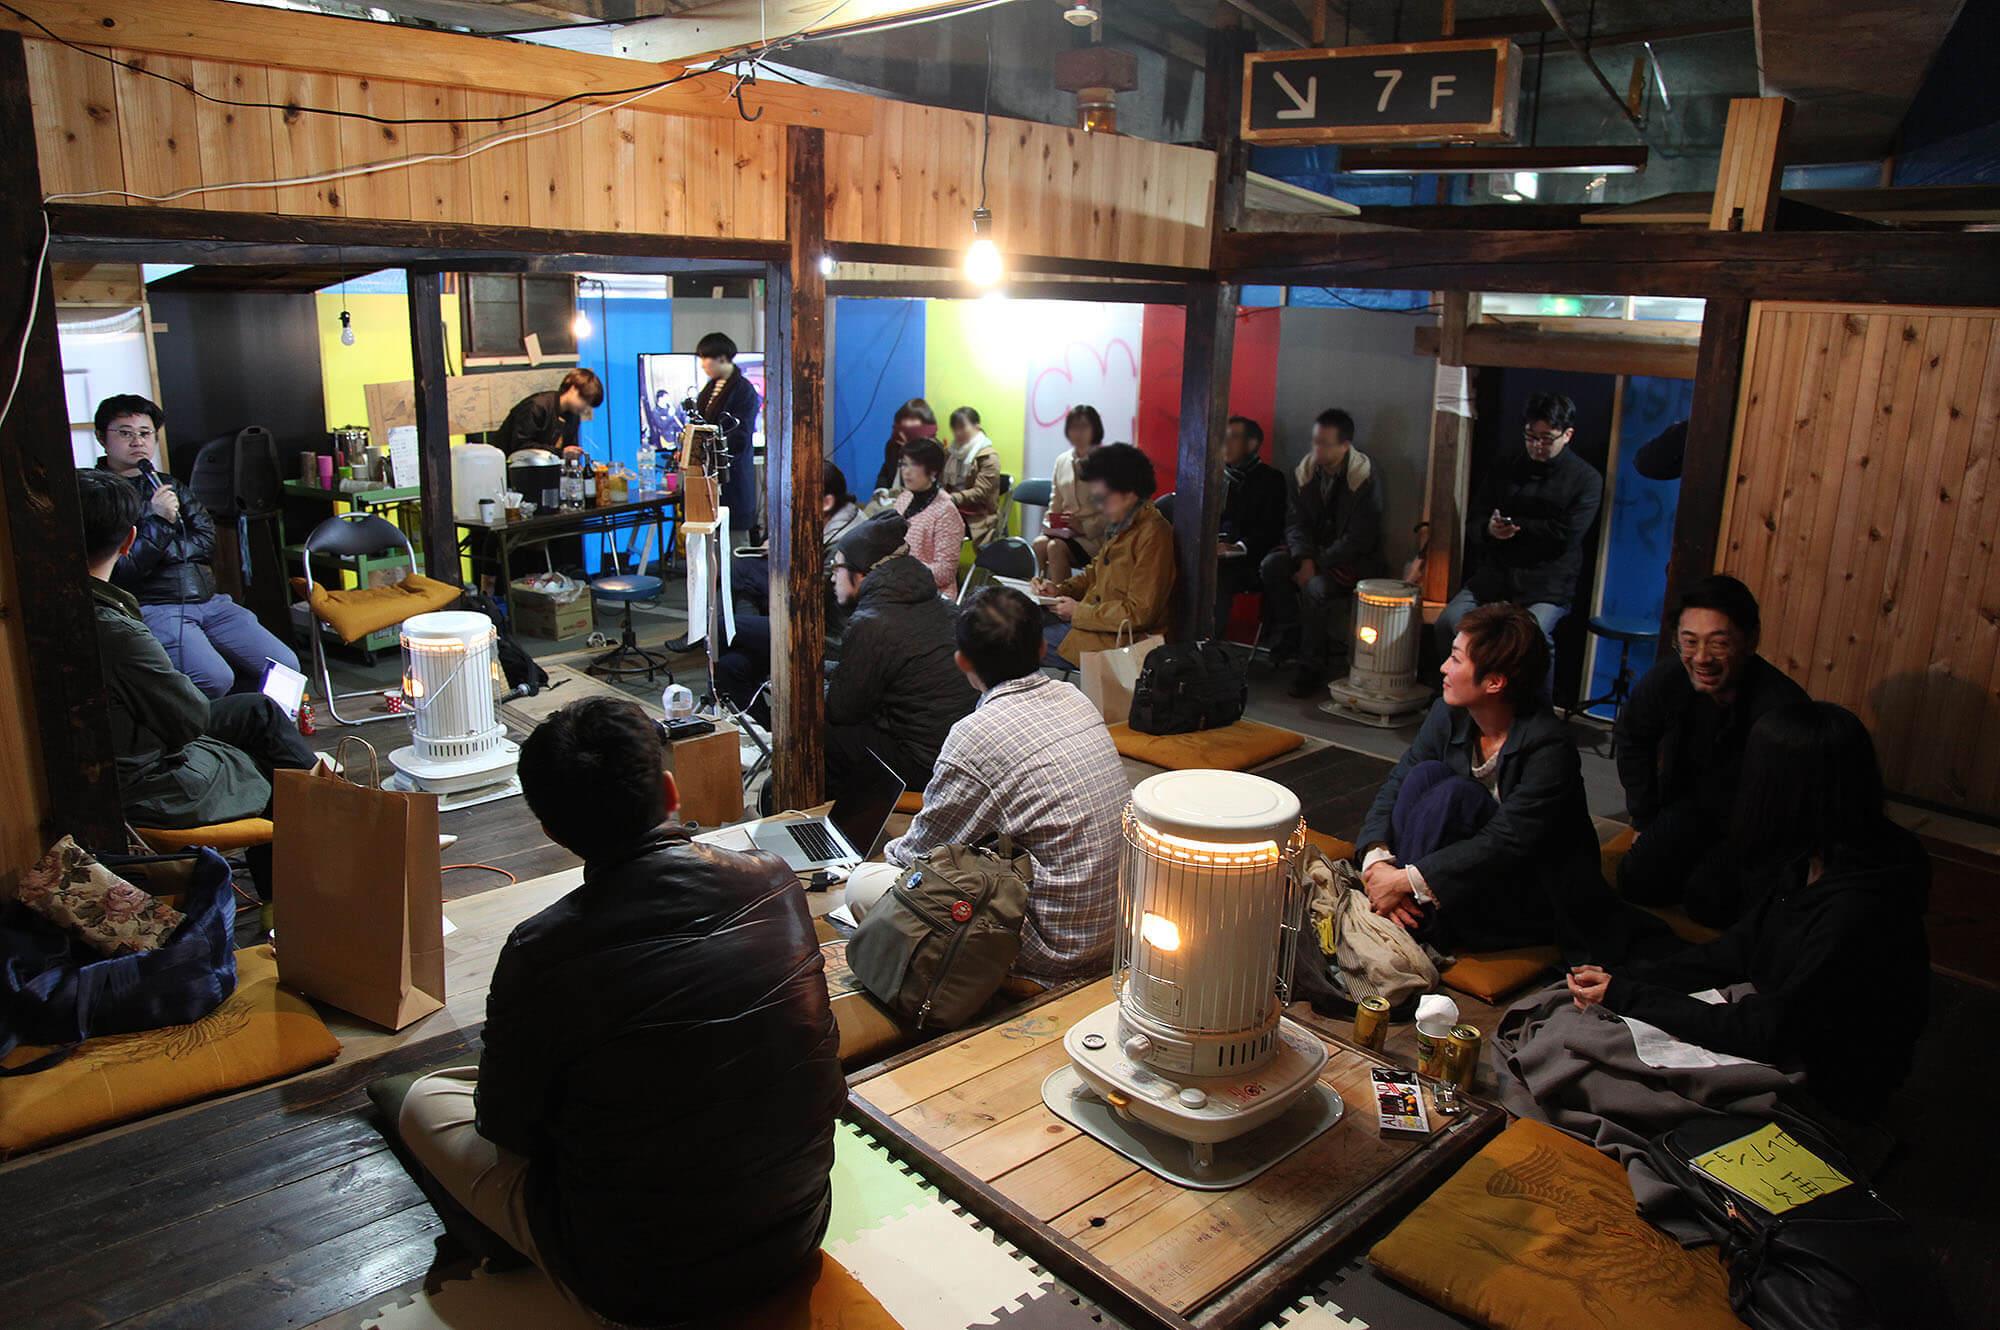 浜松まちなかアート ナデガタ・インスタント・パーティー|offsociety inc. Hamamatsu Machinaka Art | Nadegata Instant Party 現代美術・アート Contemporary Art